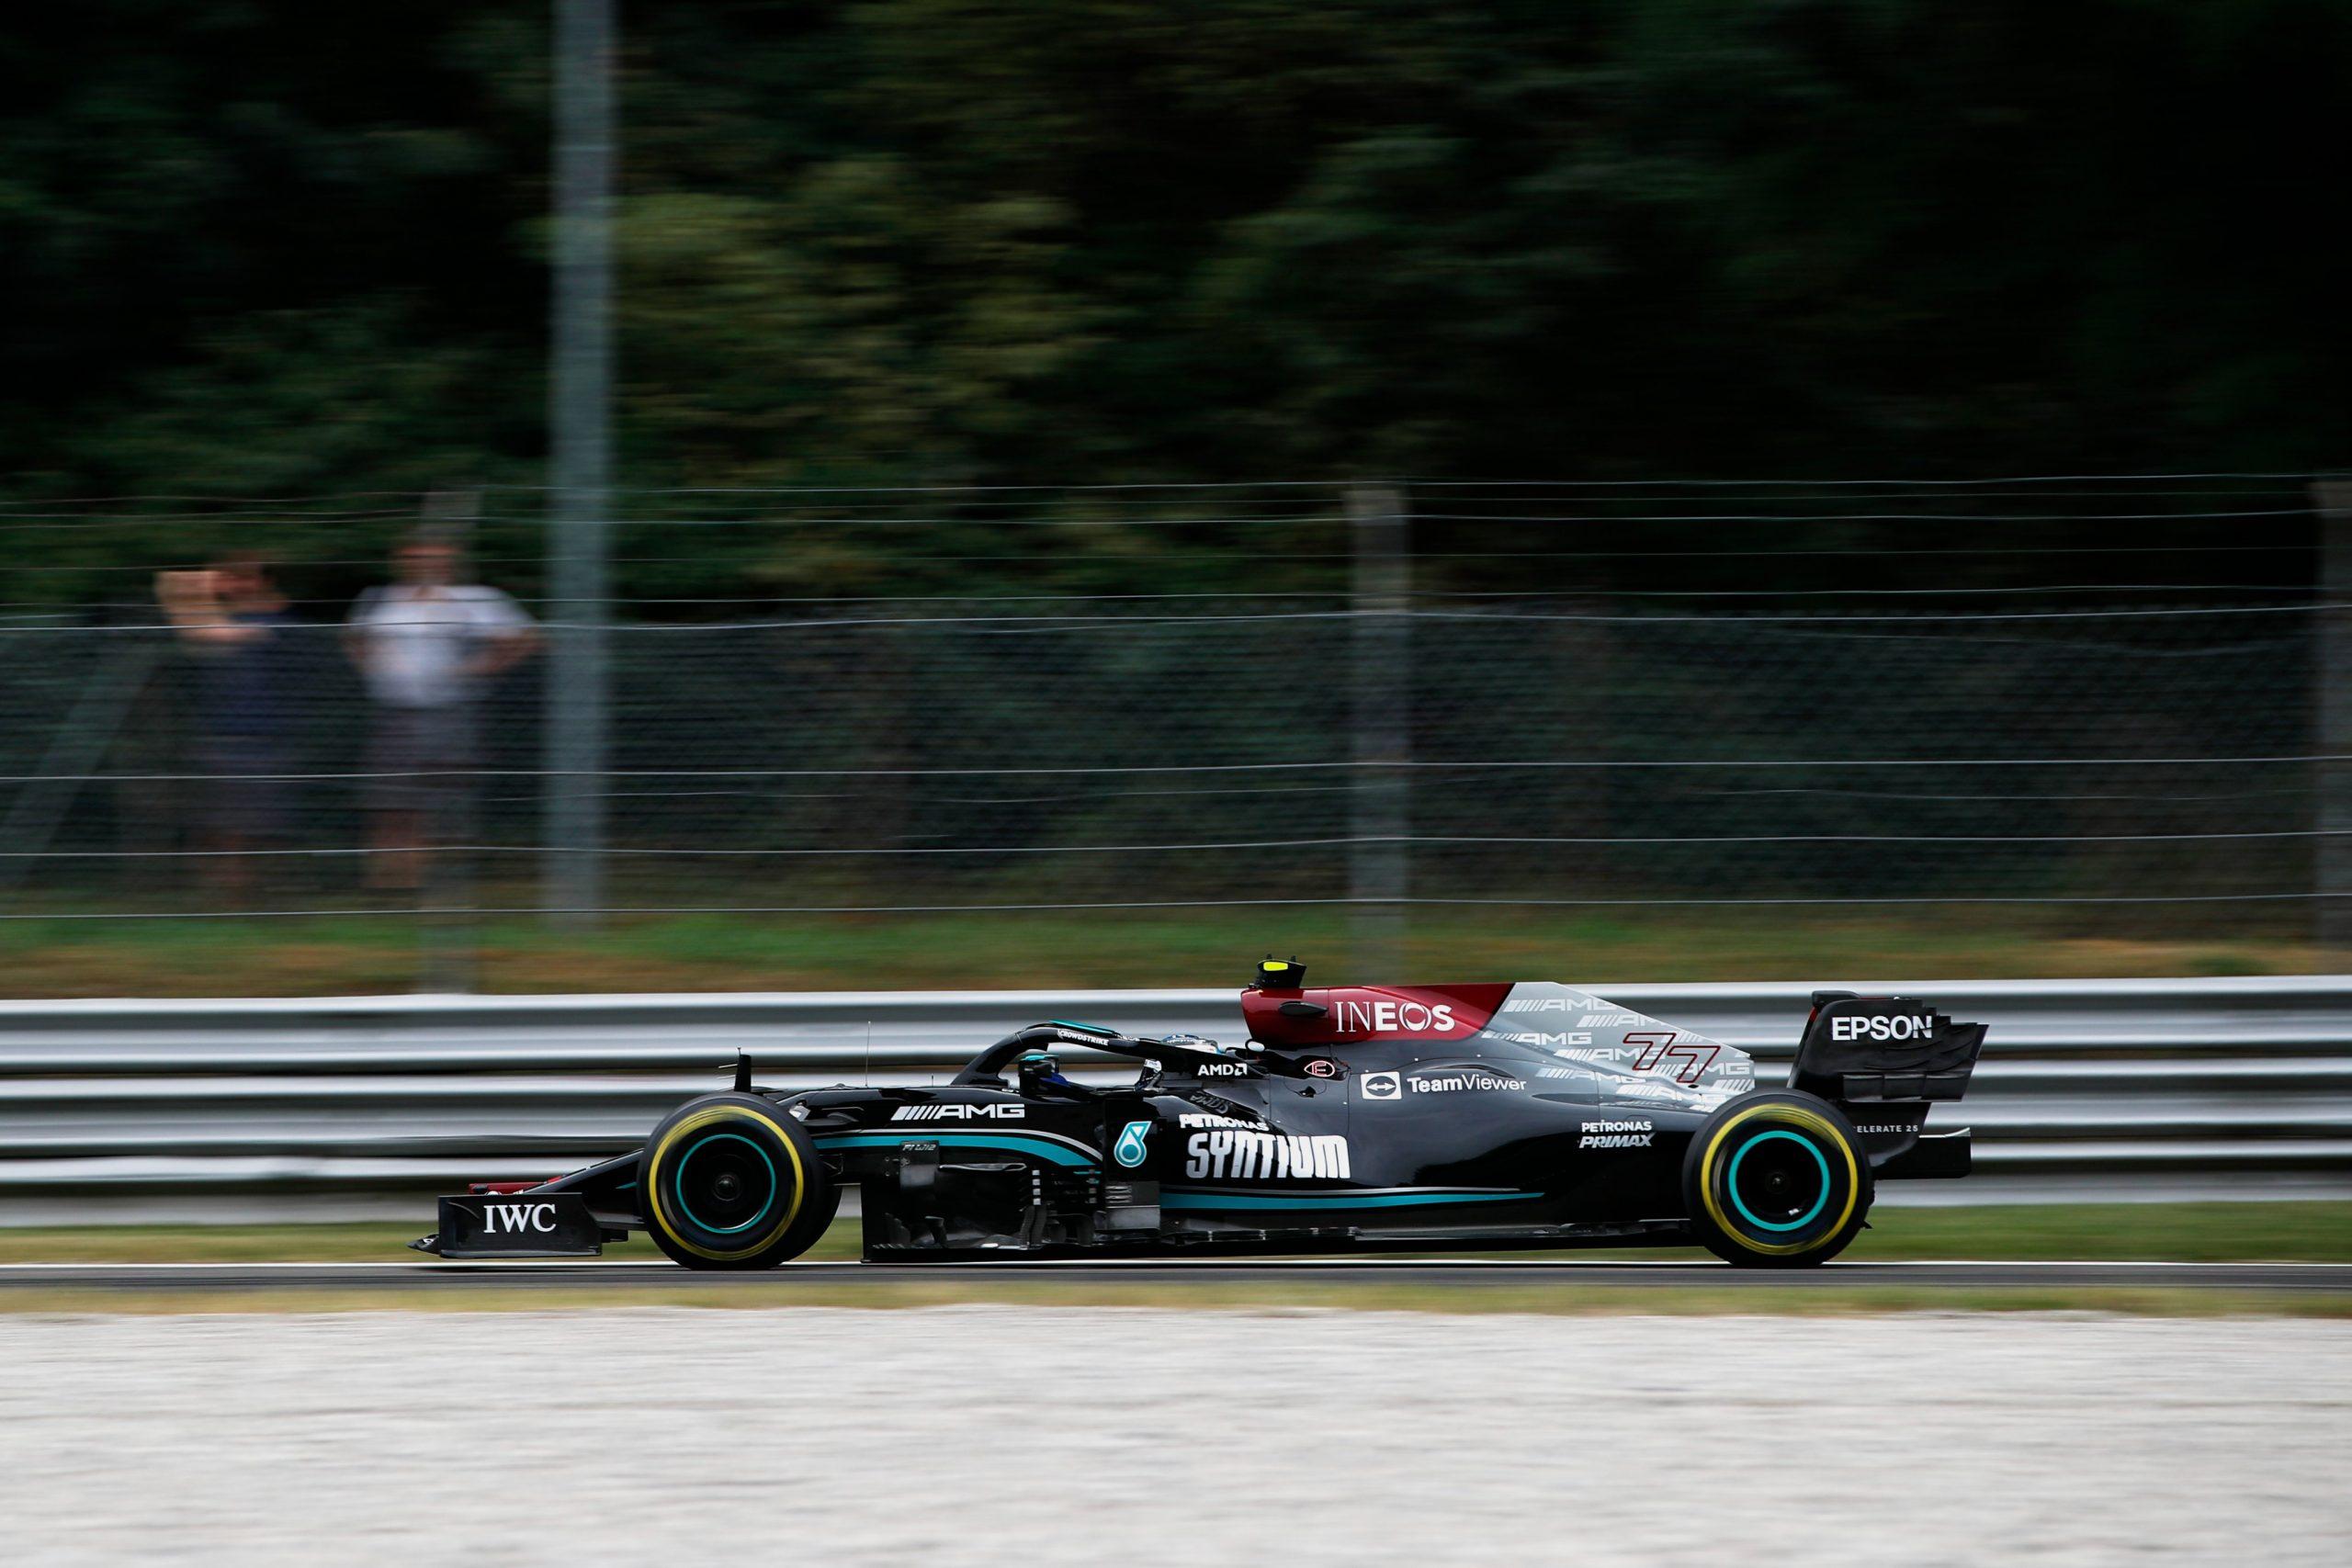 Qualifica, Gp d'Italia: Bottas sorprende, Ferrari 7° e 8°.